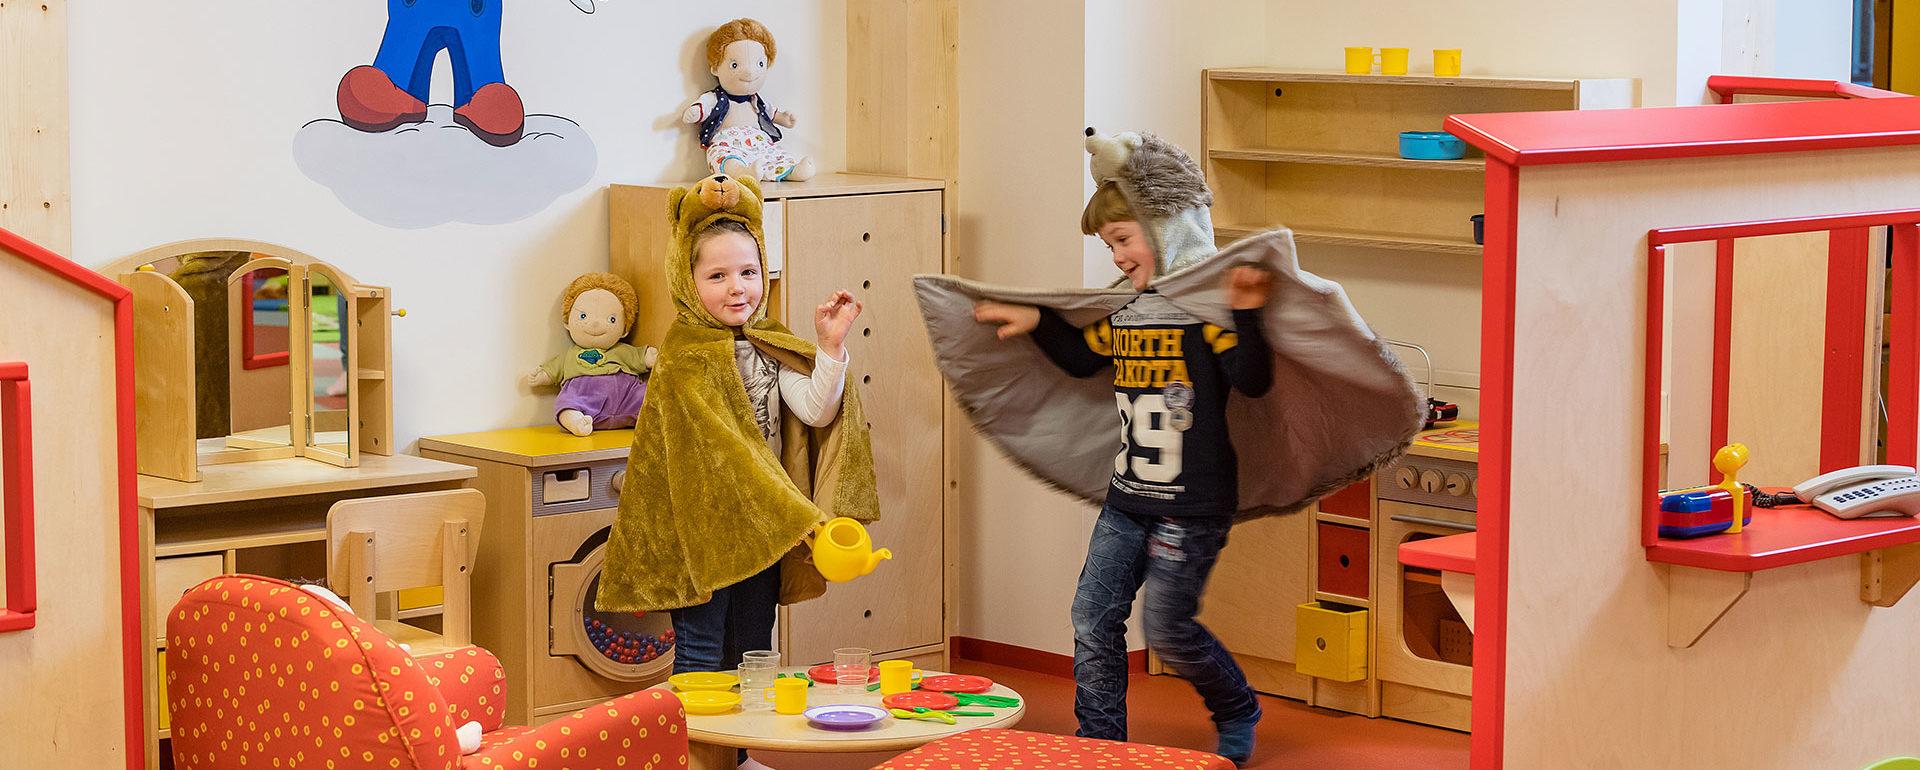 Kinder-Erlebniswelt im Hotel Zauchensee Zentral